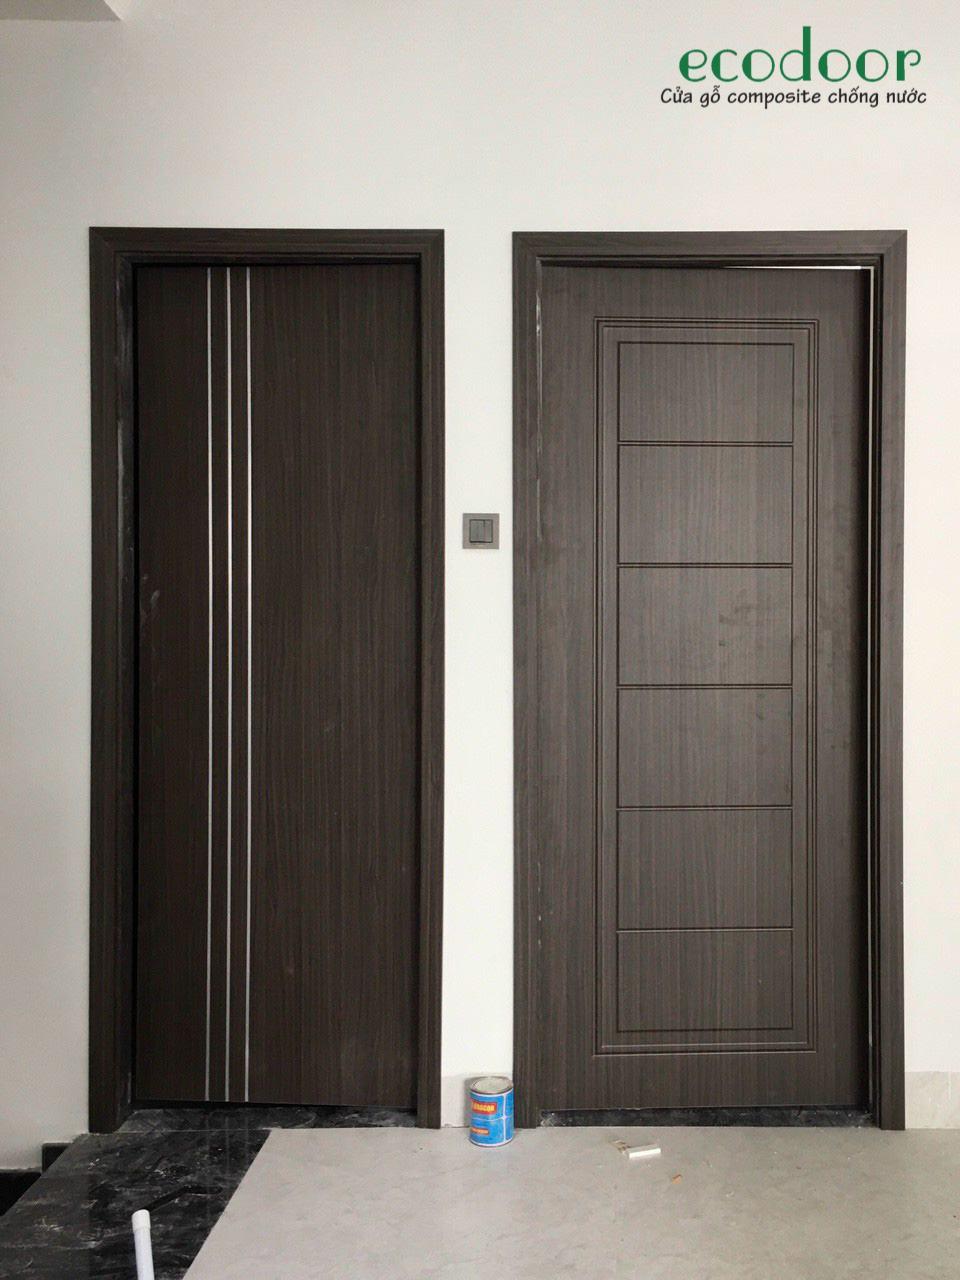 Báo giá cửa gỗ nhựa Composite vân gỗ cao cấp giá rẻ tại Hà Nội 2021